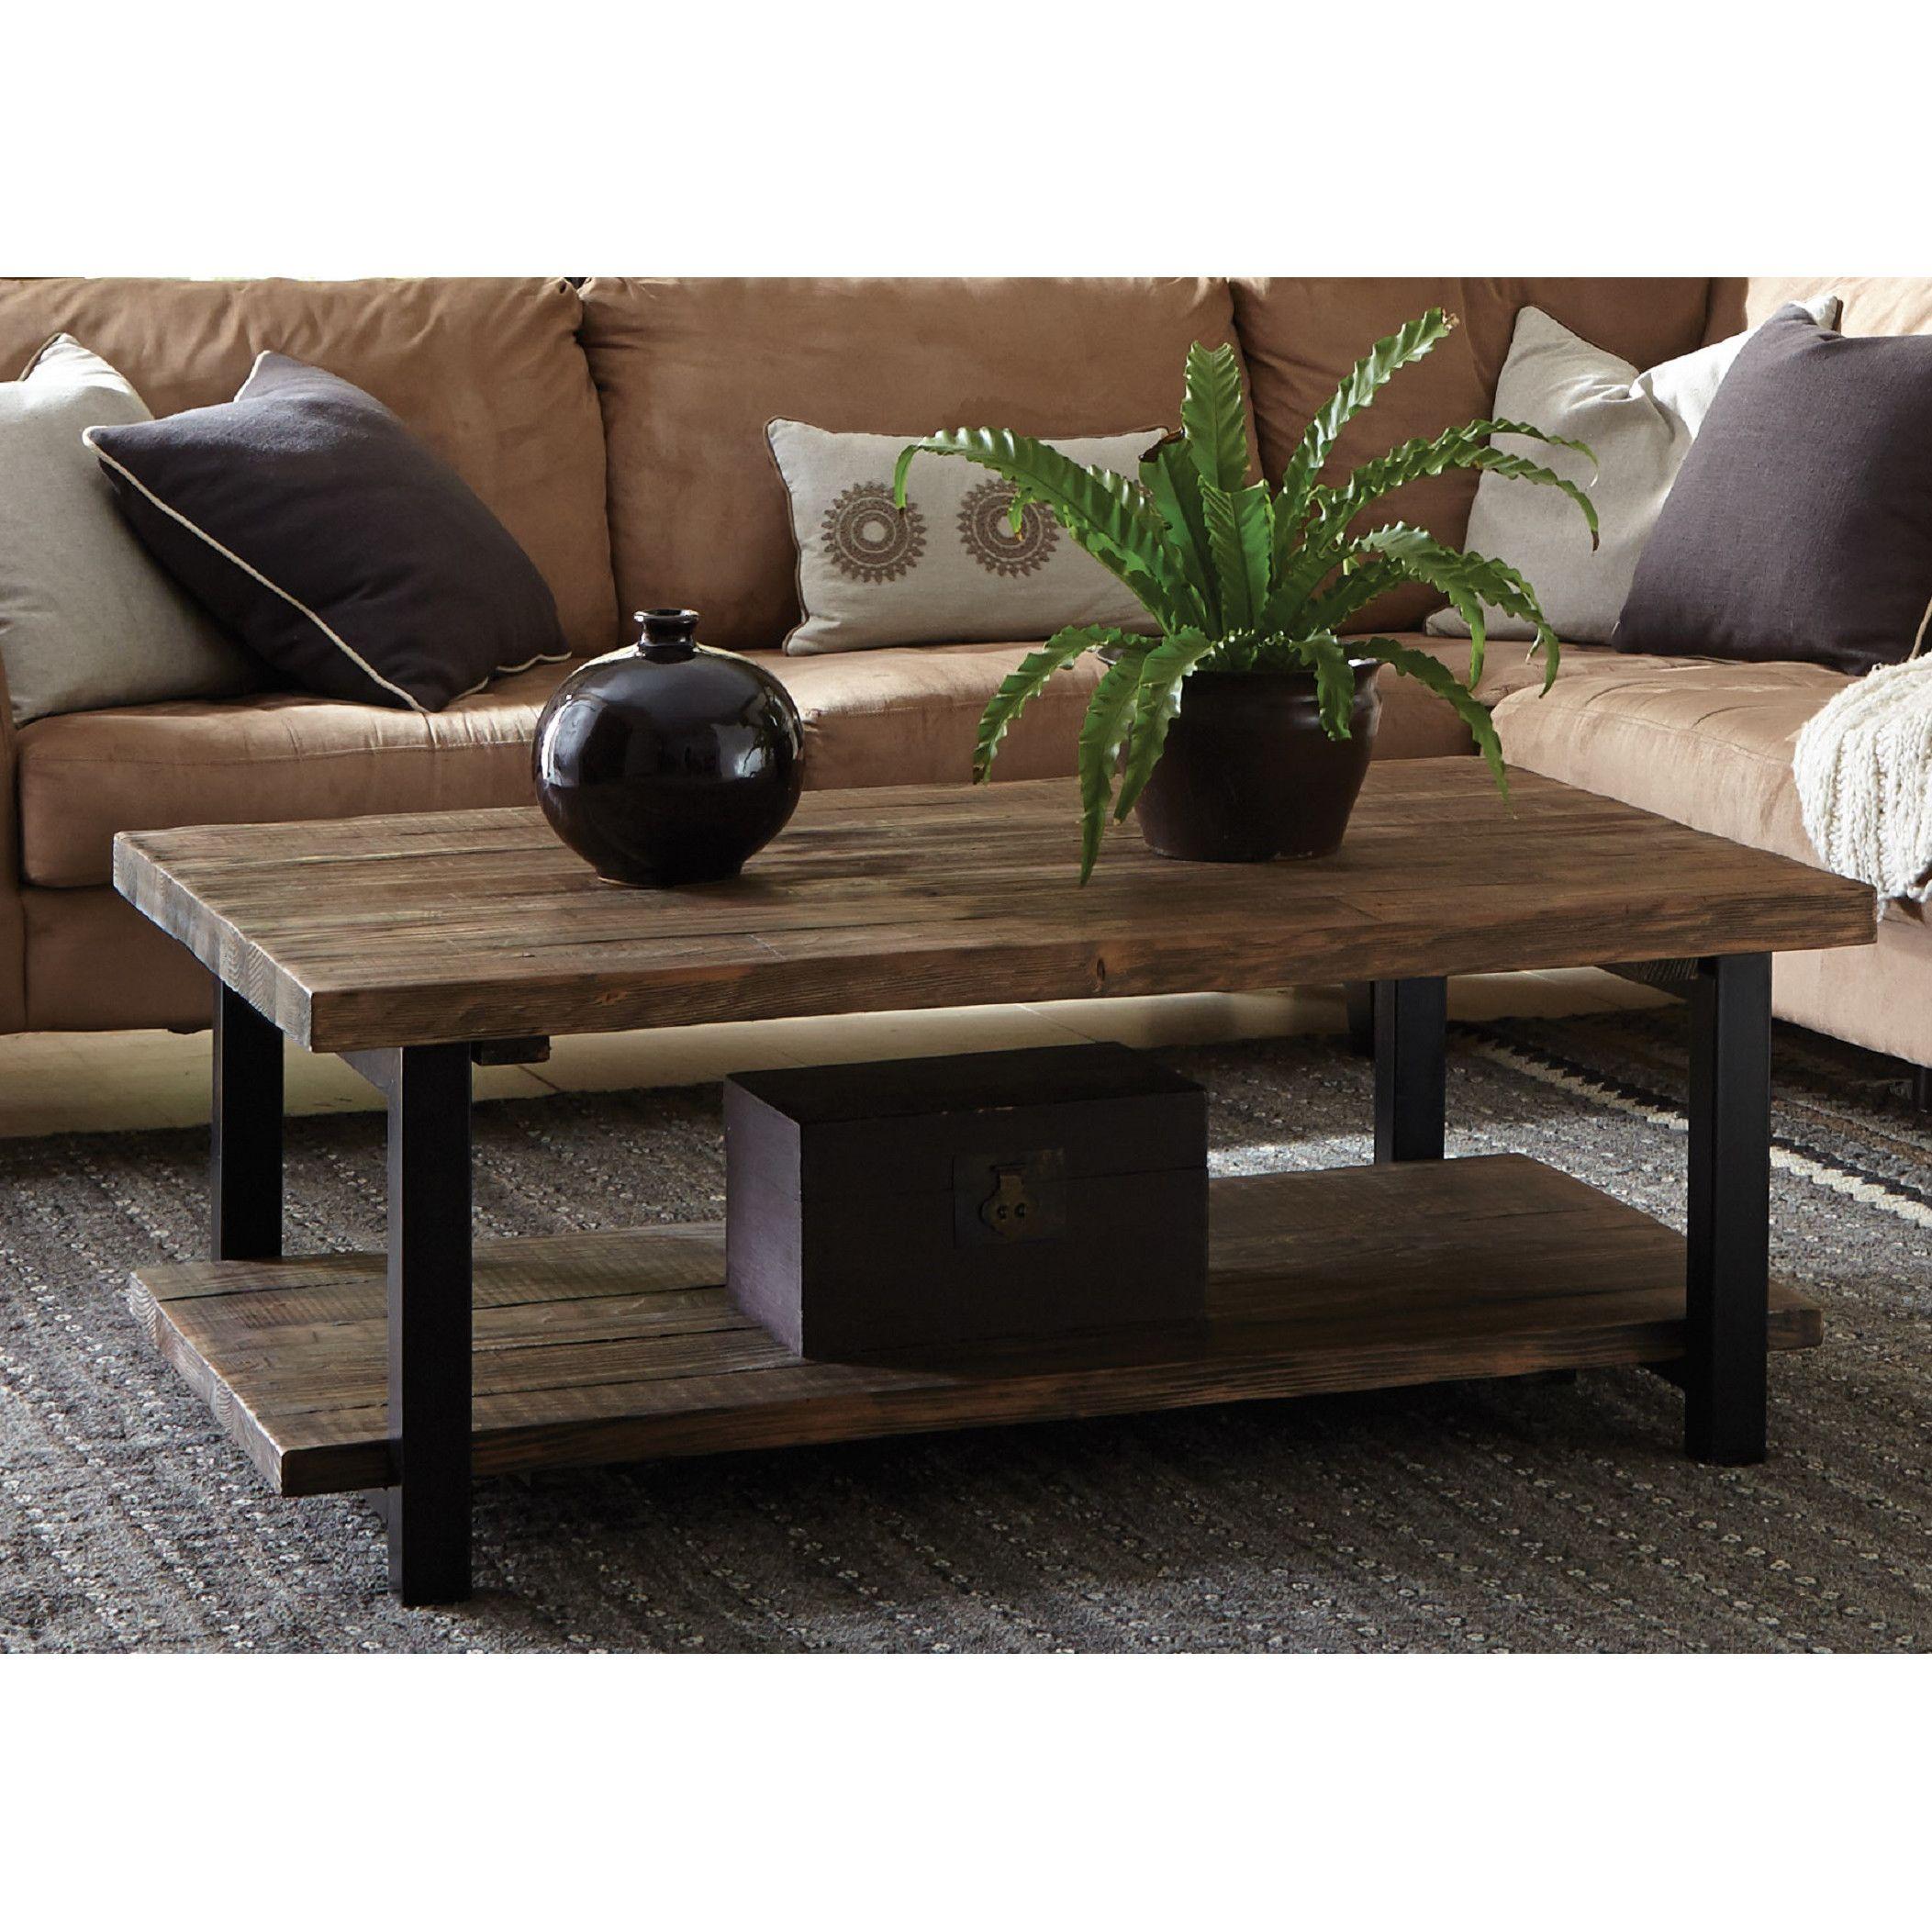 Cool Loon Peak Somers 48W Reclaimed Wood Metal Coffee Table Ibusinesslaw Wood Chair Design Ideas Ibusinesslaworg